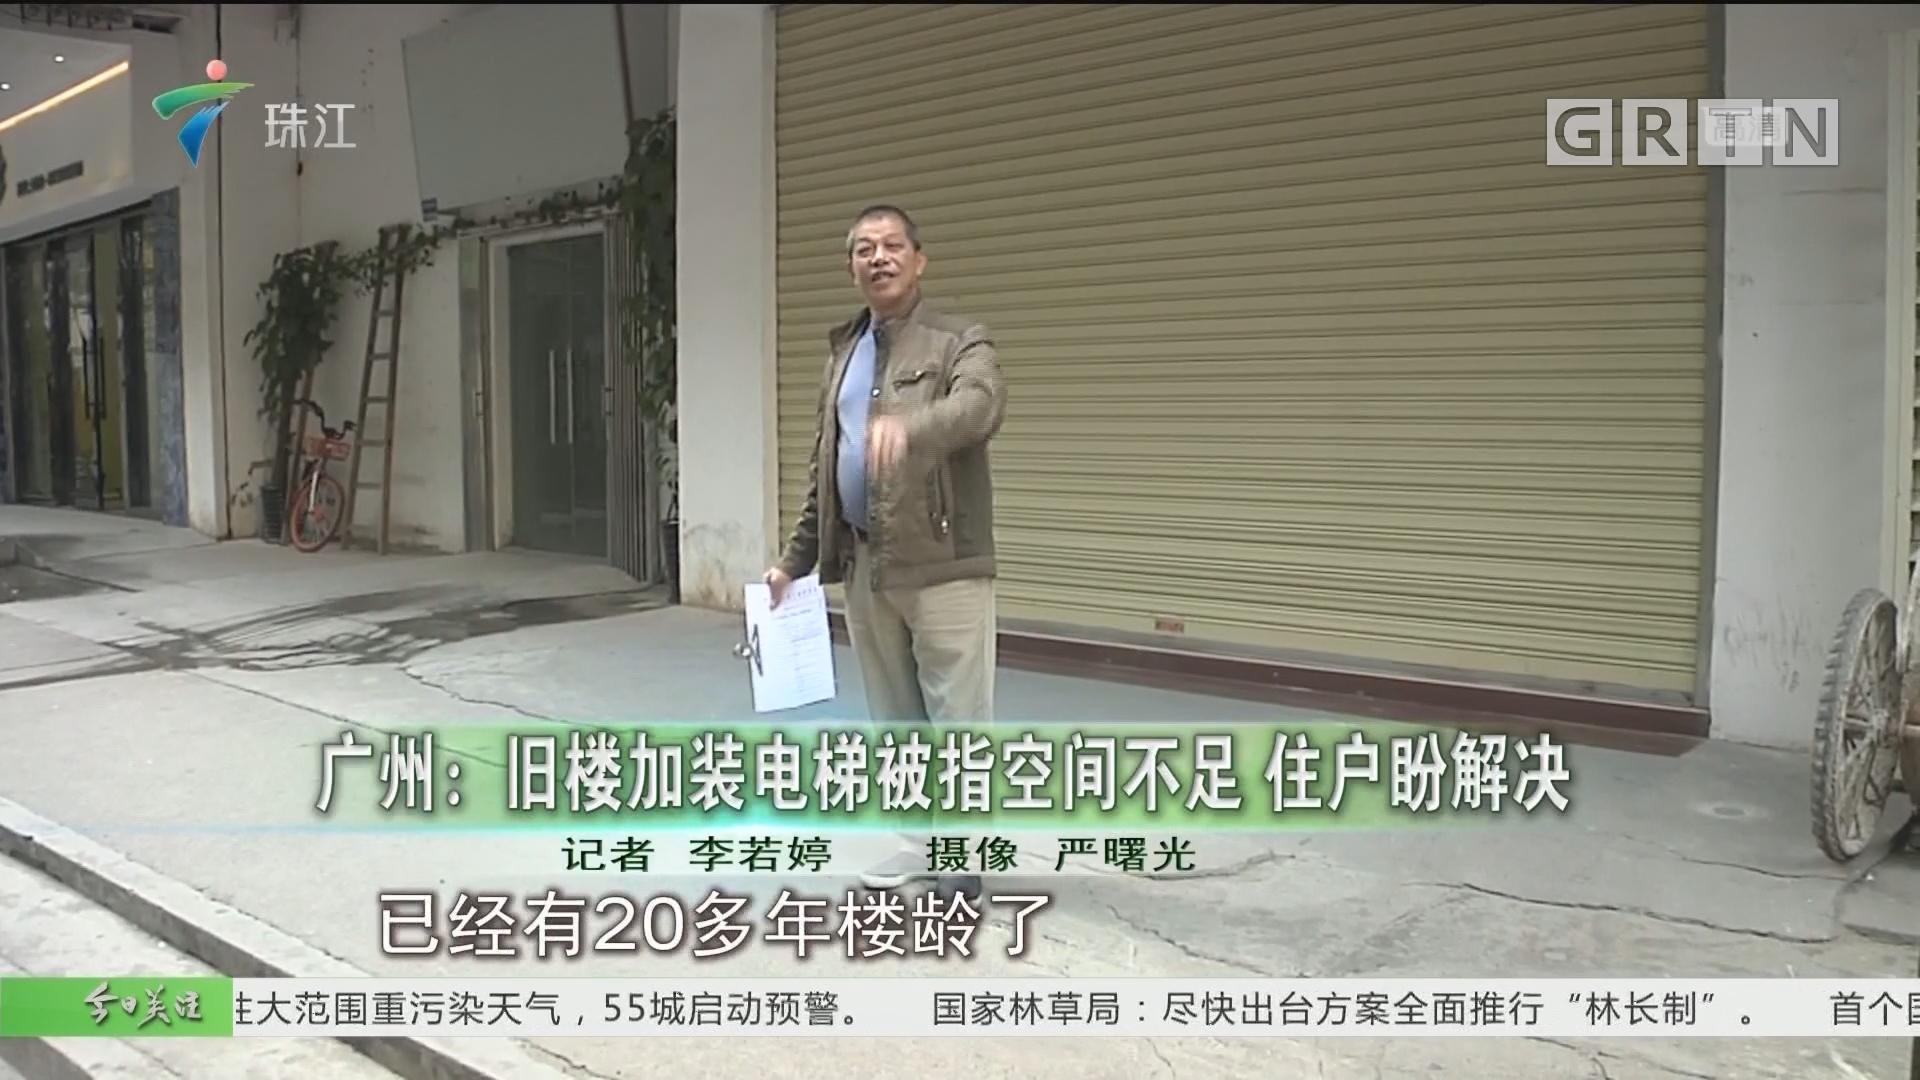 广州:旧楼加装电梯被指空间不足 住户盼解决